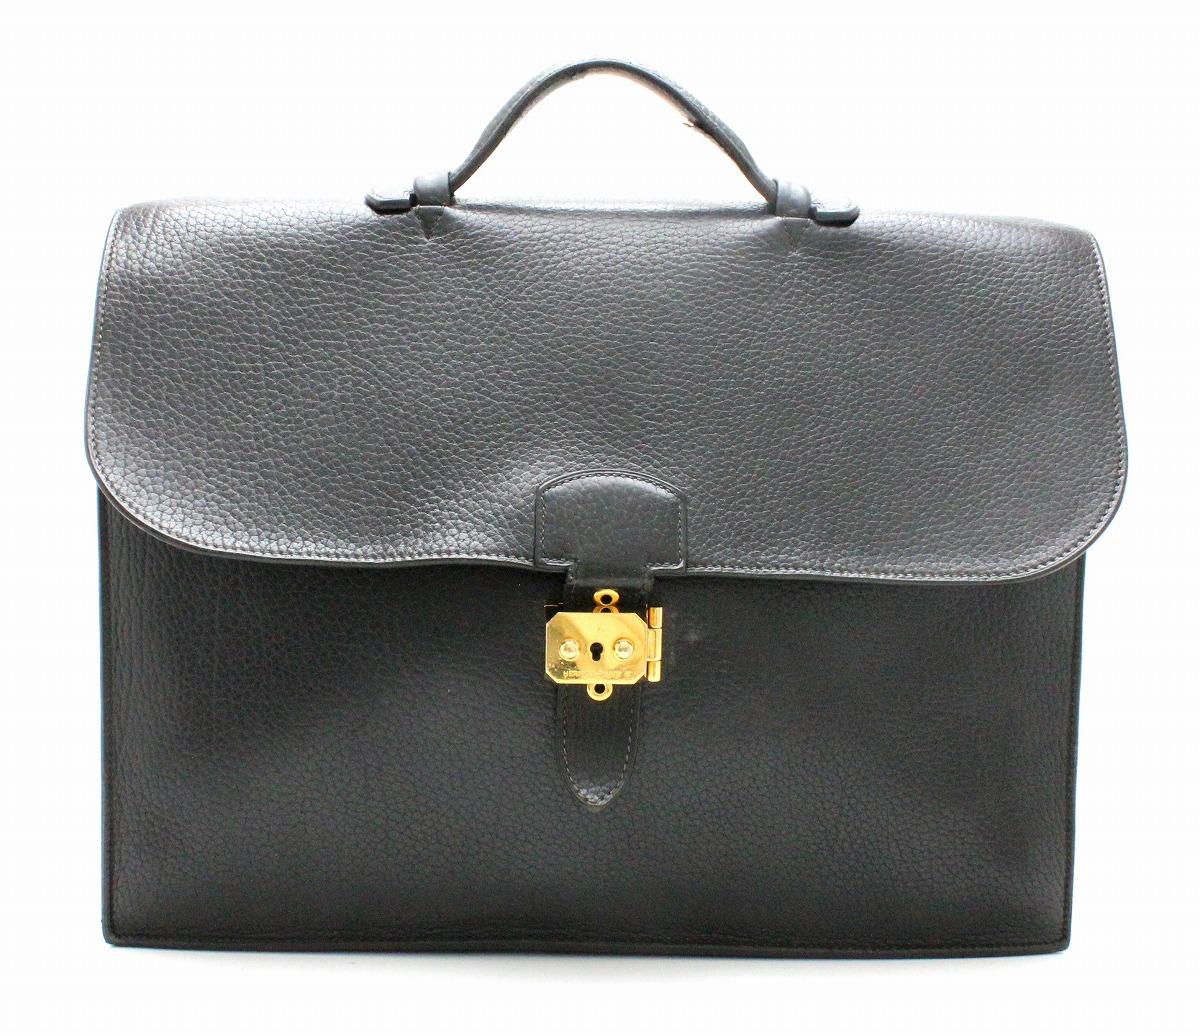 【バッグ】HERMES エルメス サックアデペッシュ38 ビジネスバッグ ブリーフケース 書類カバン ハンドバッグ トゴ 黒 ブラック ゴールド金具 #□F 【中古】【k】